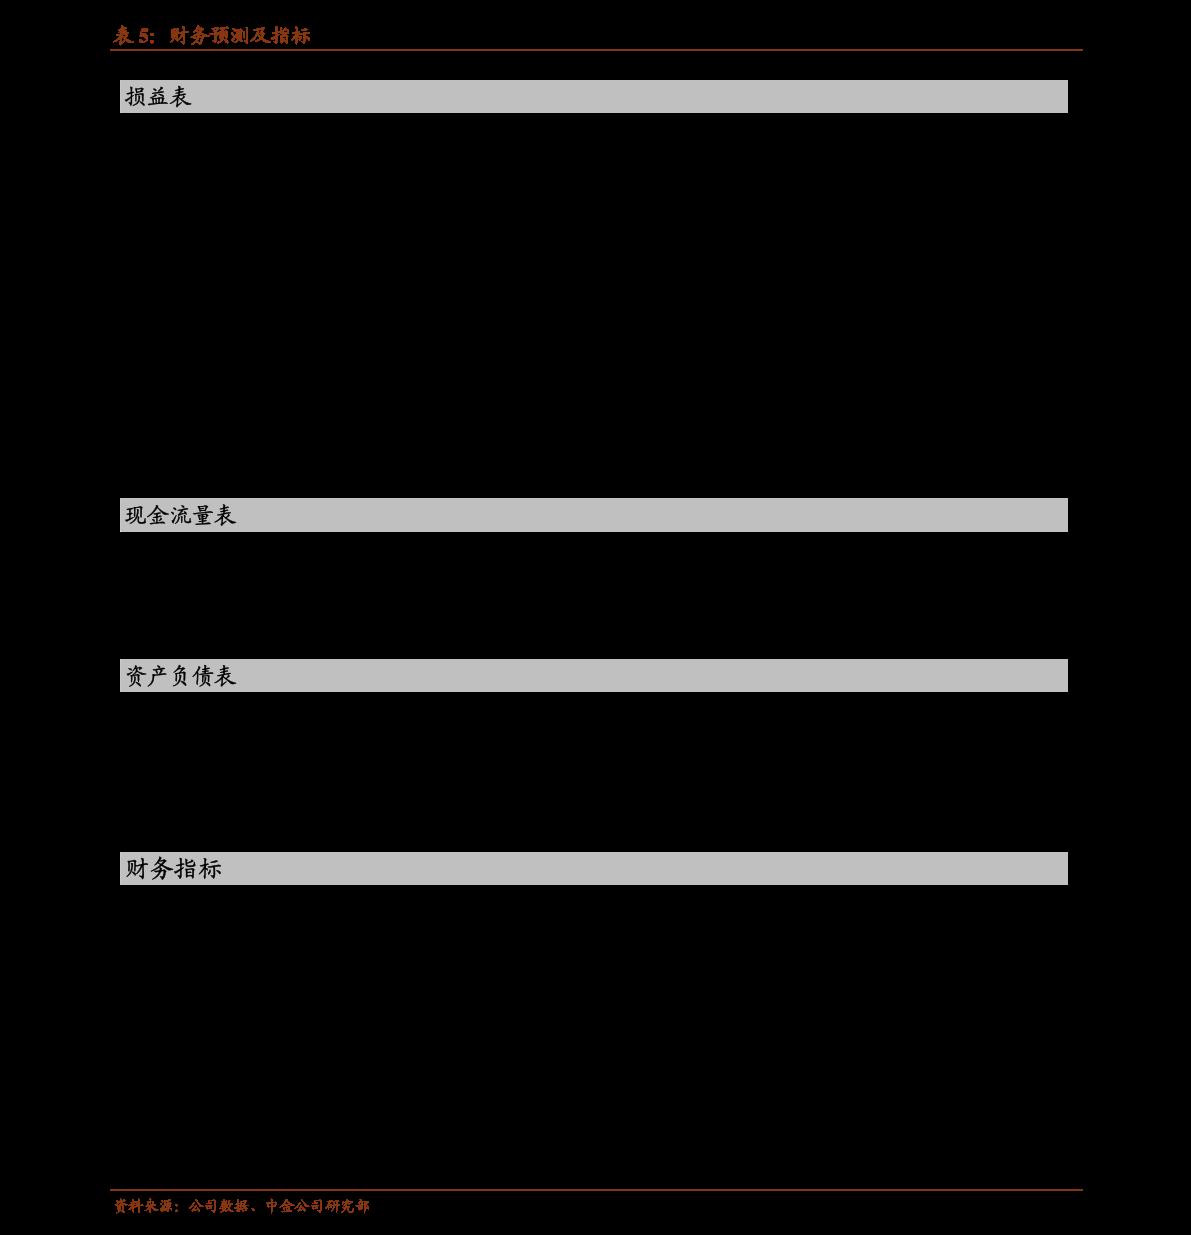 兴业雷火电竞平台-华夏航空-002928-模式优势突出,前三季度盈利1.6~1.8亿-201016